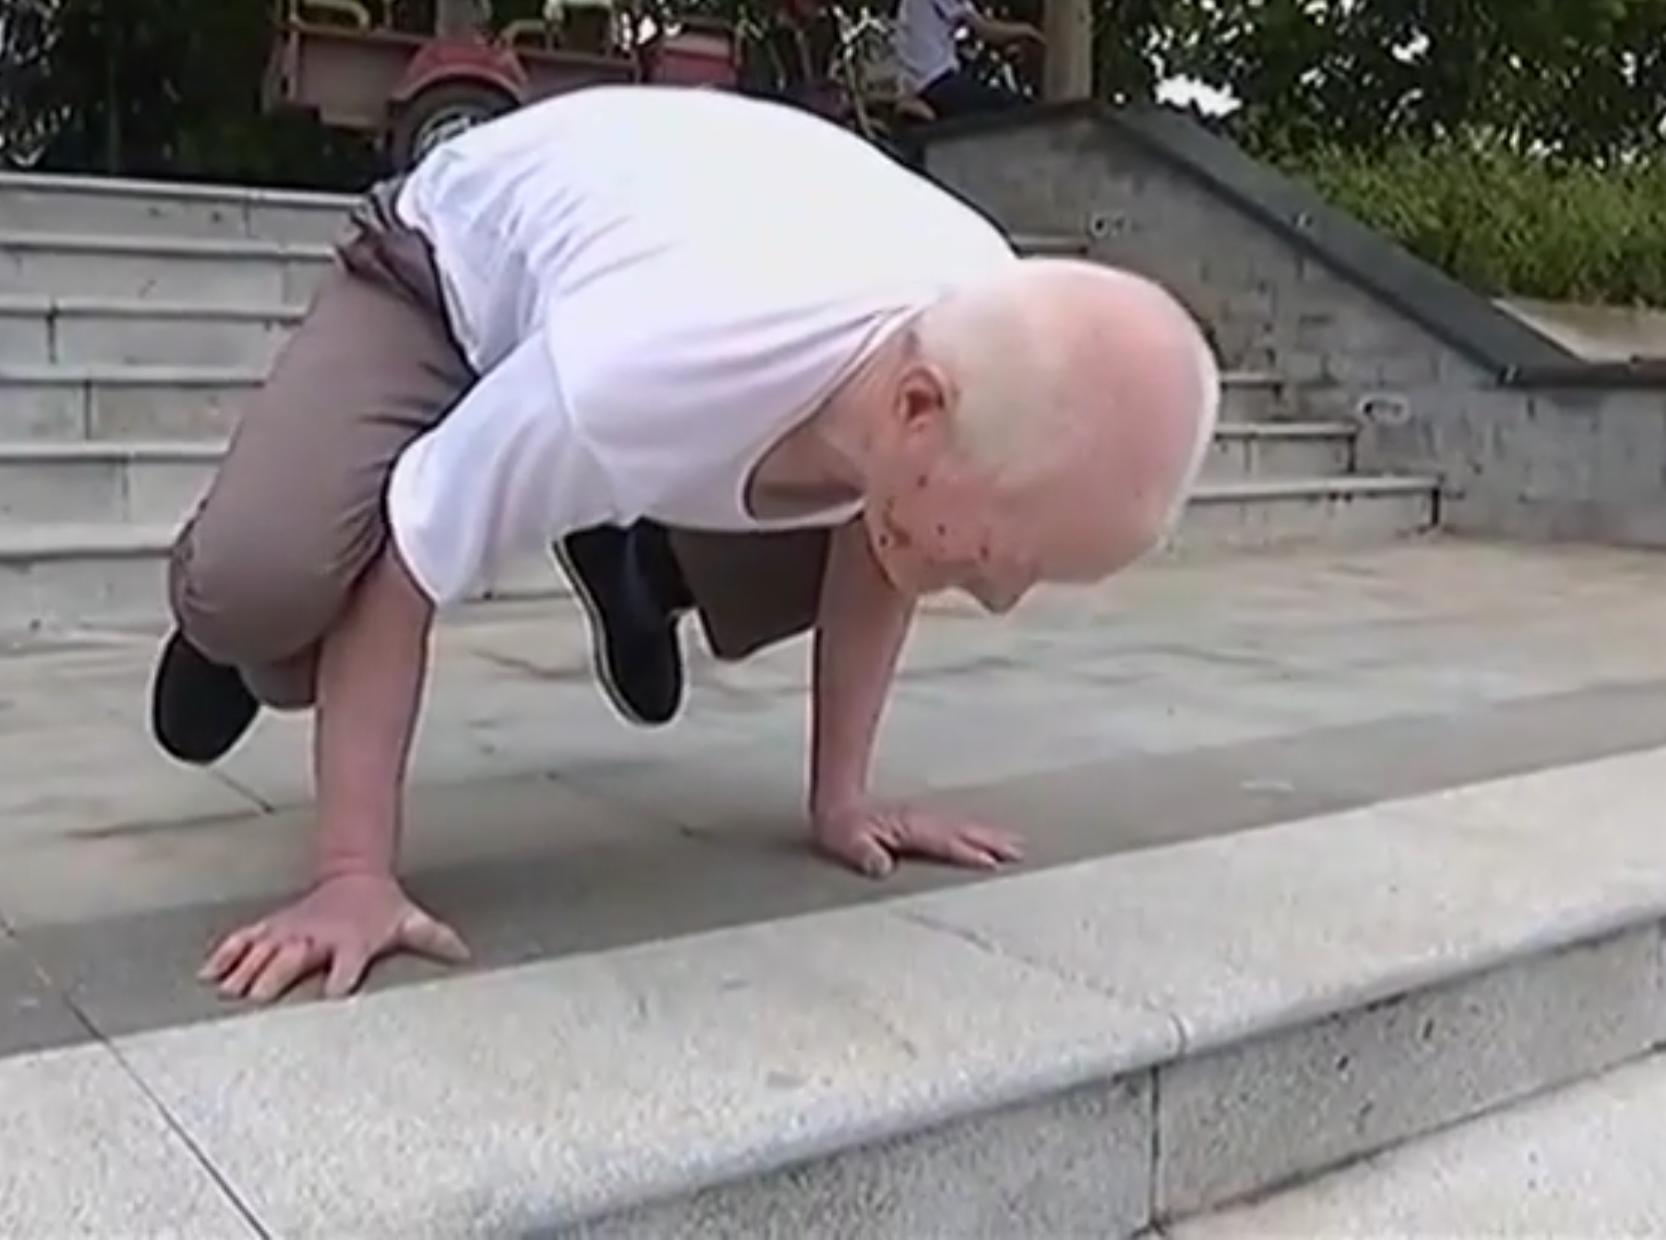 شايب صيني عمره 79 يمارس الرياضة